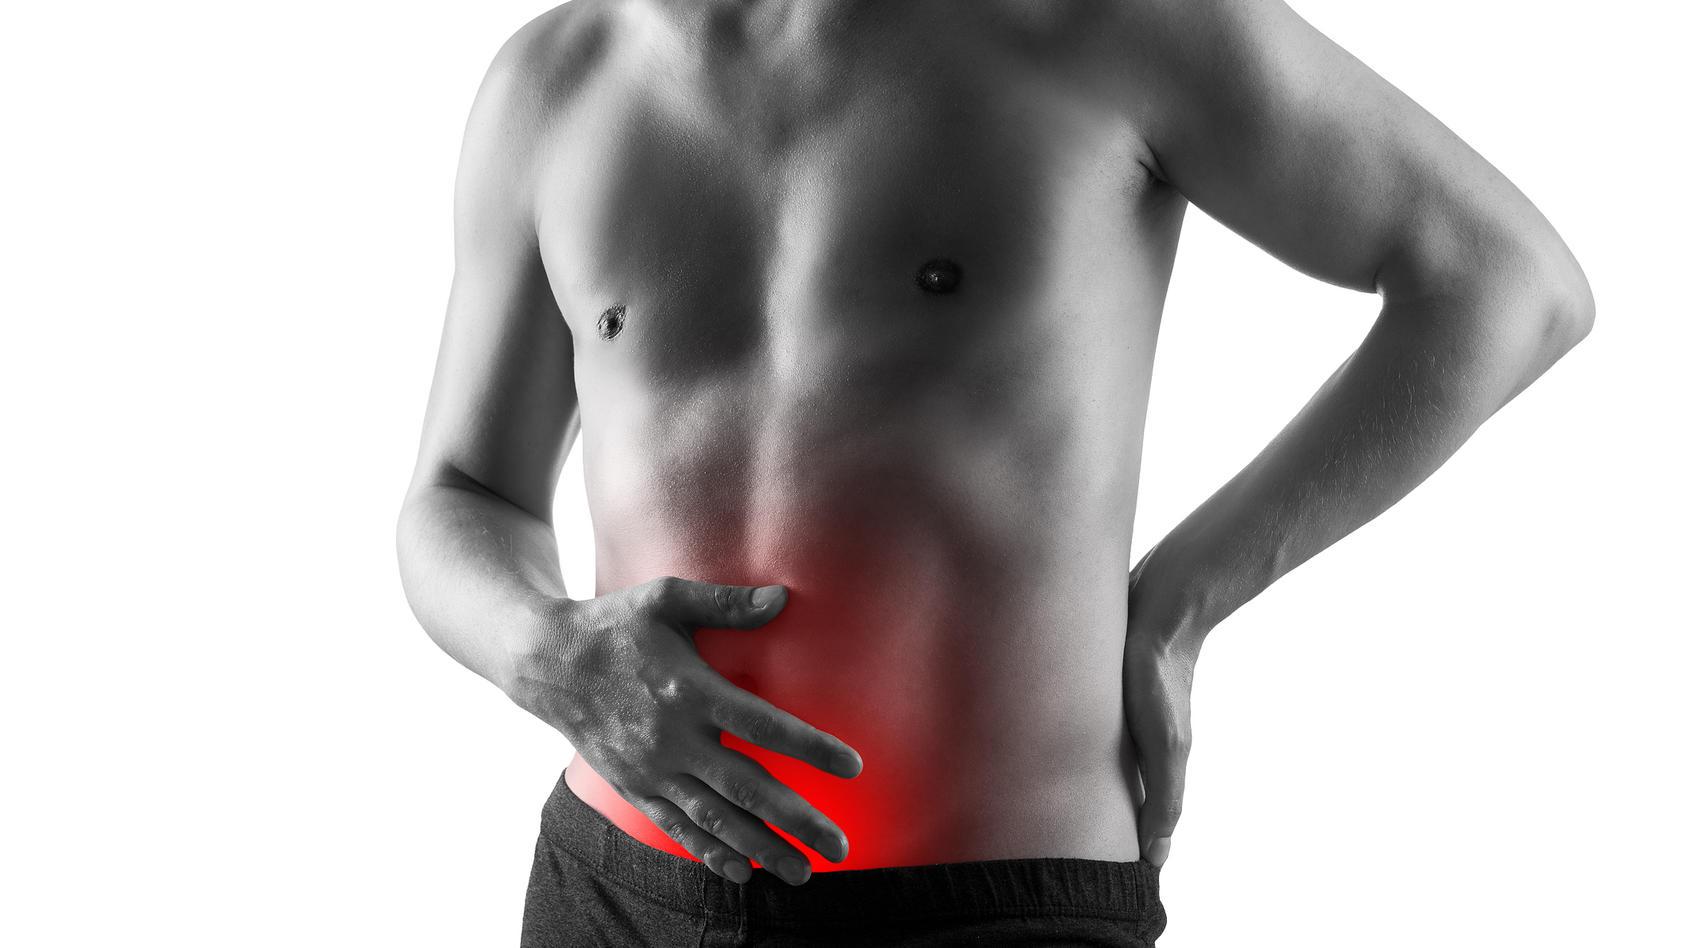 Magengeschwüre entstehen vor allem durch ein Übermaß an Magensäure